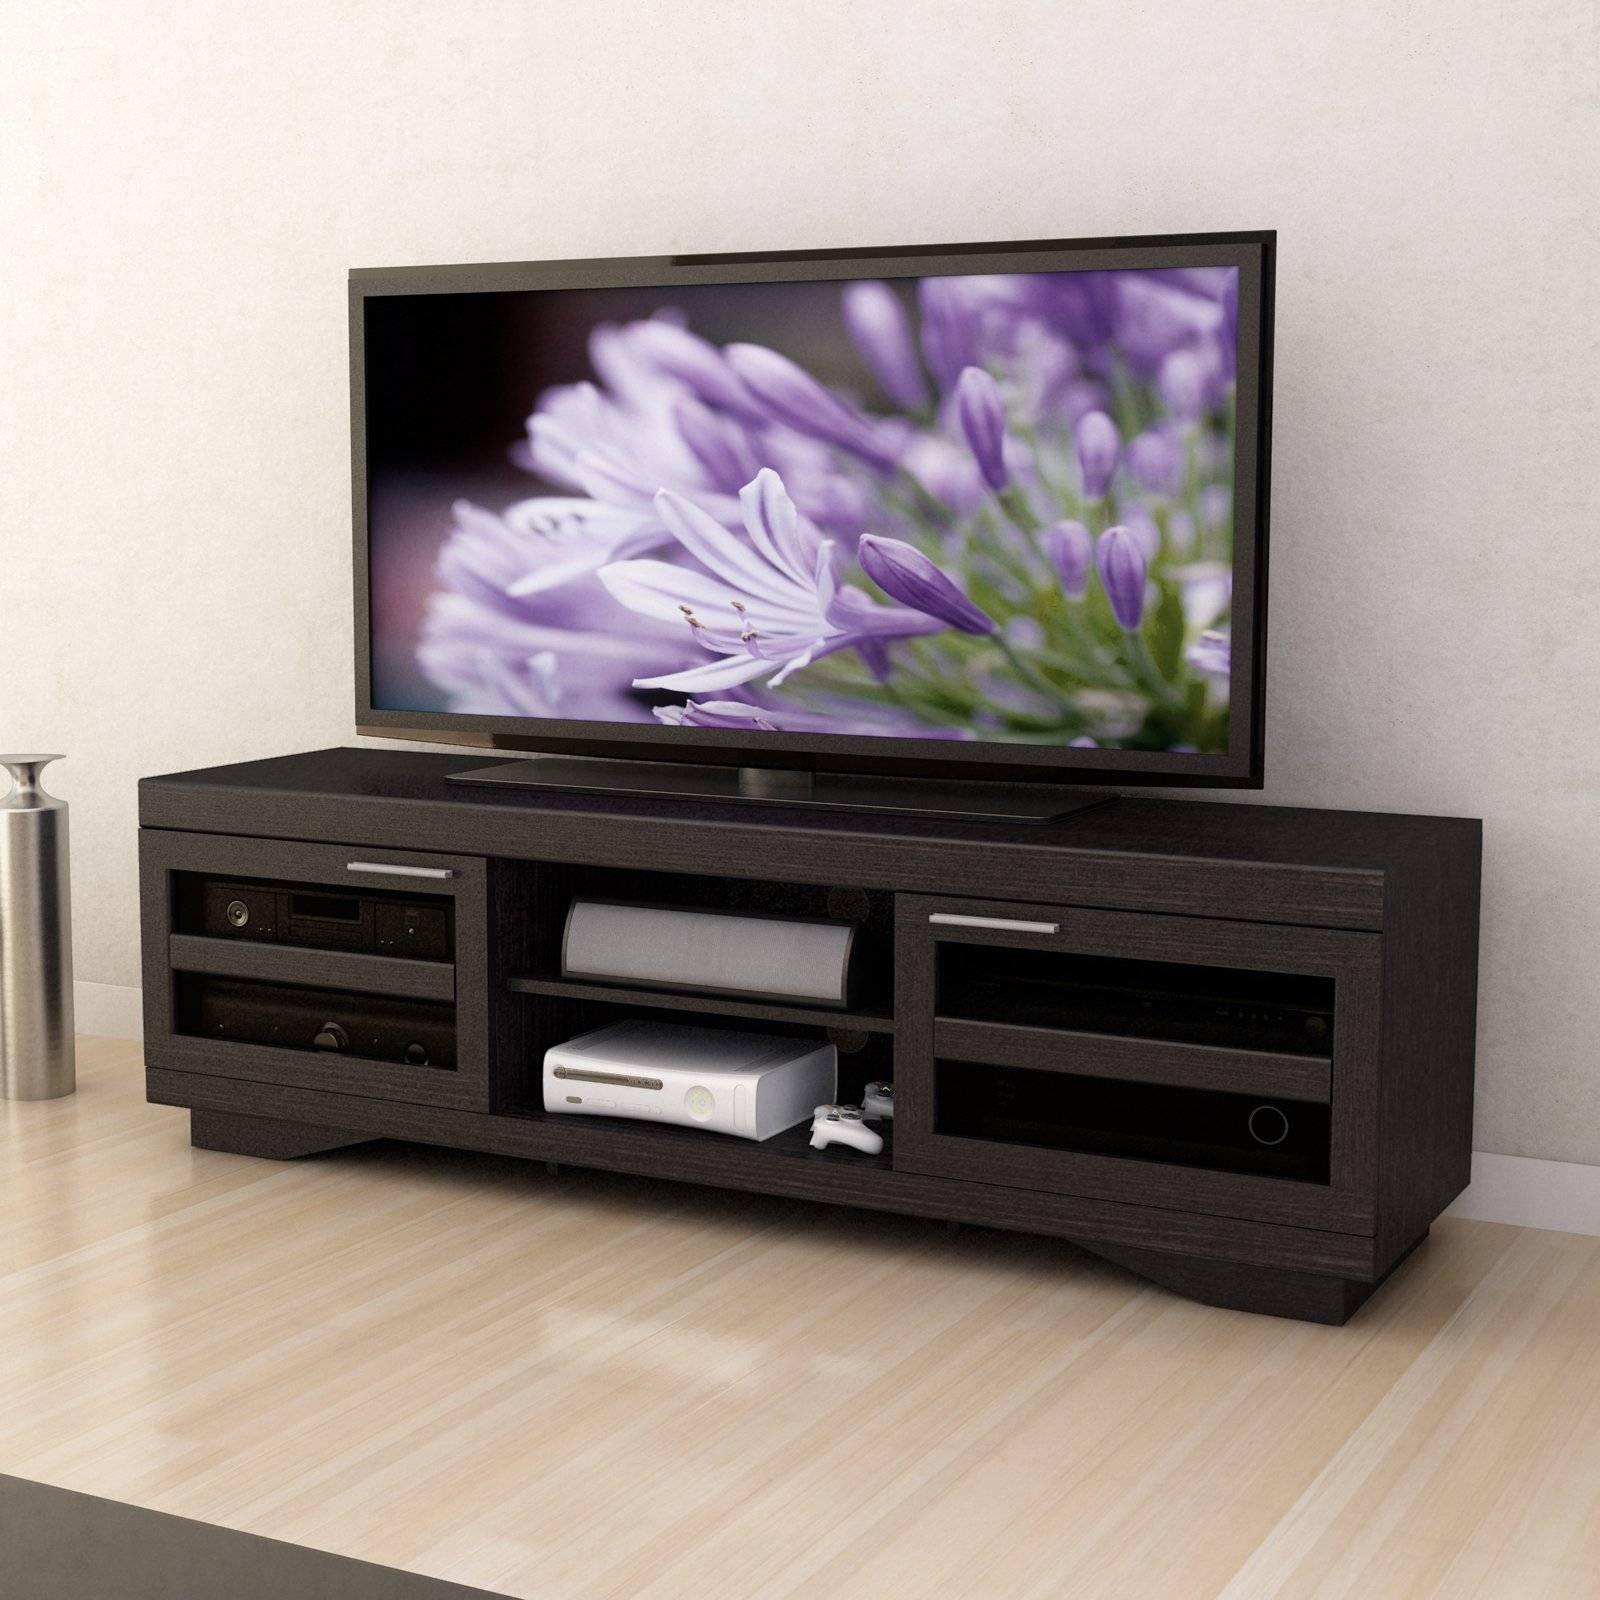 Corliving B-007-Rgt Granville 66 In. Wood Veneer Tv Bench - Mocha in Hokku Tv Stands (Image 2 of 15)